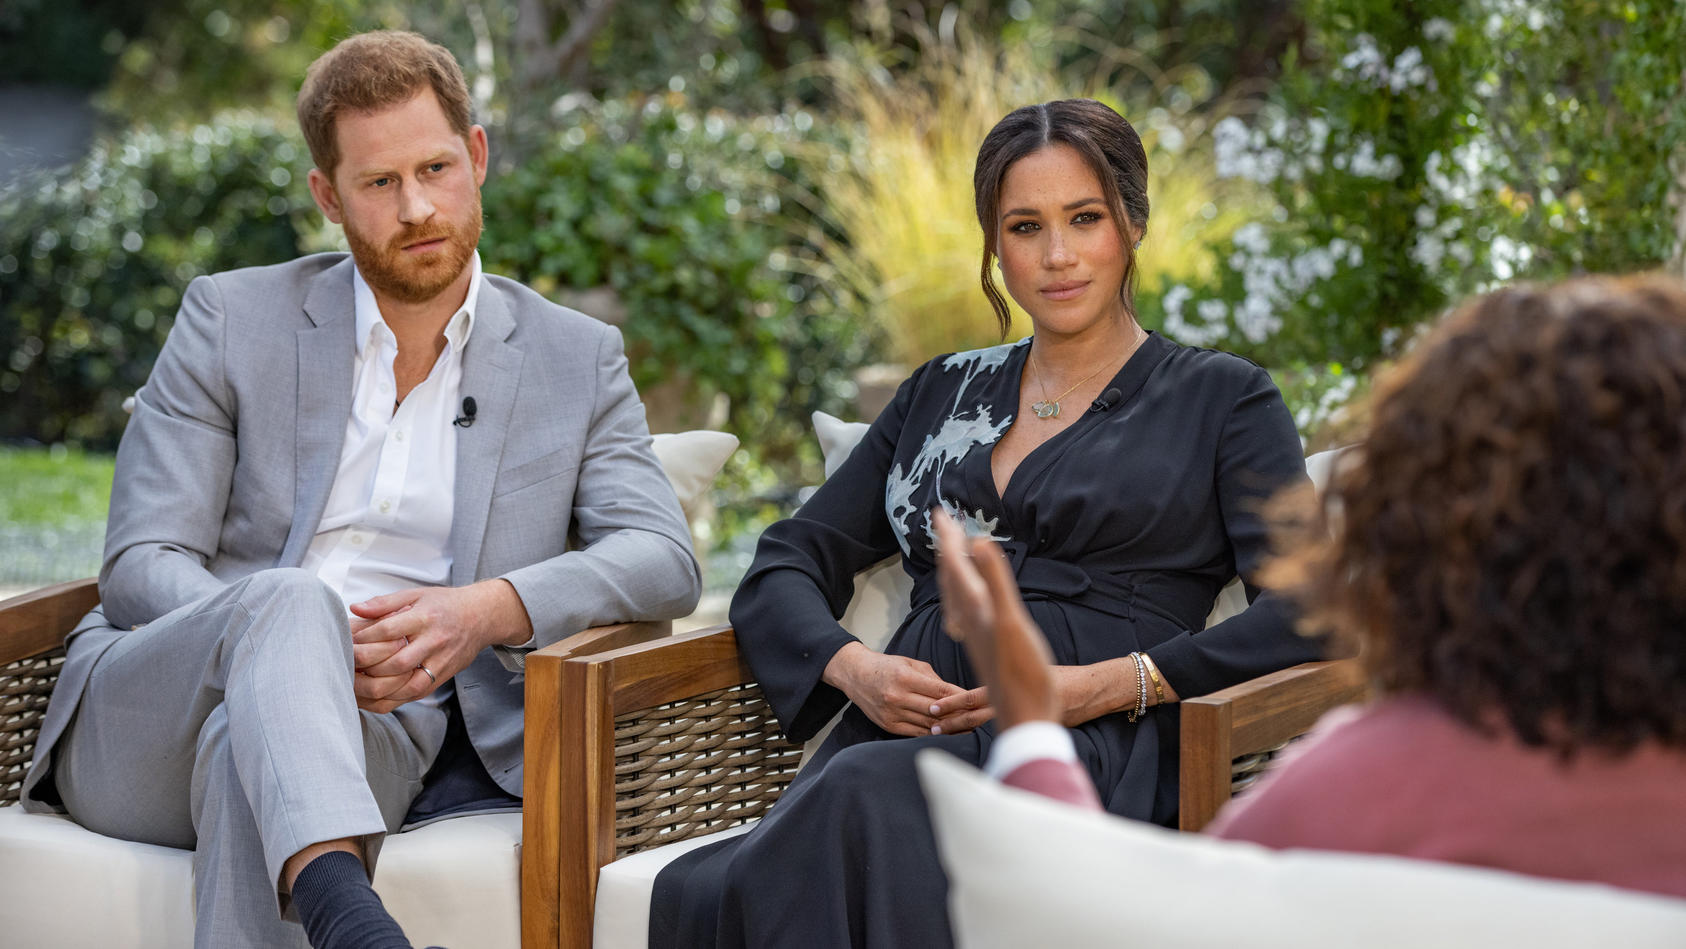 Oprah Winfrey interviewt Prinz Harry und Meghan. RTL und Vox zeigen das Gespräch am Montag in voller Länge.